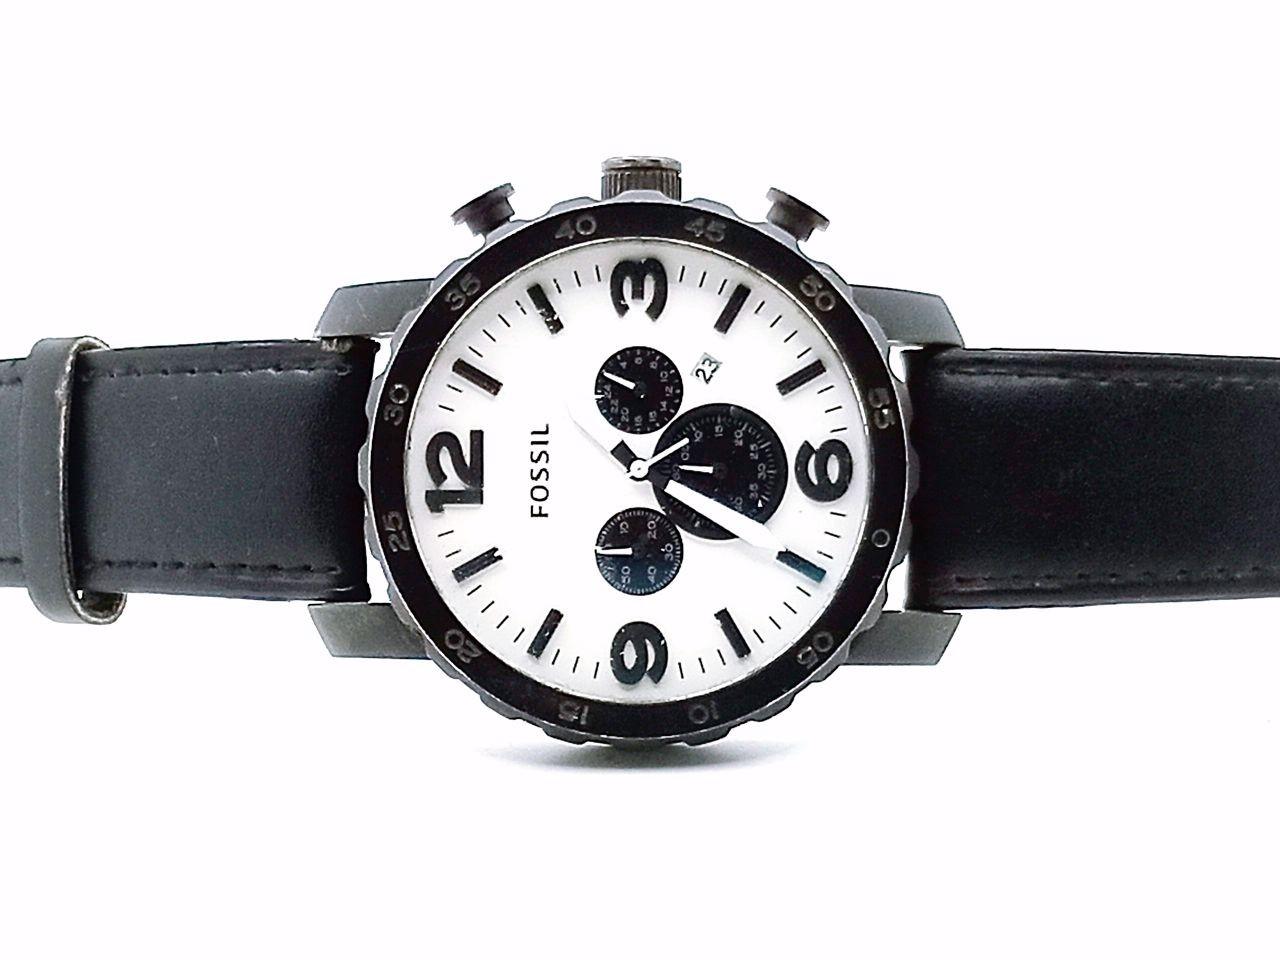 FOSSIL JR1390 WATCH